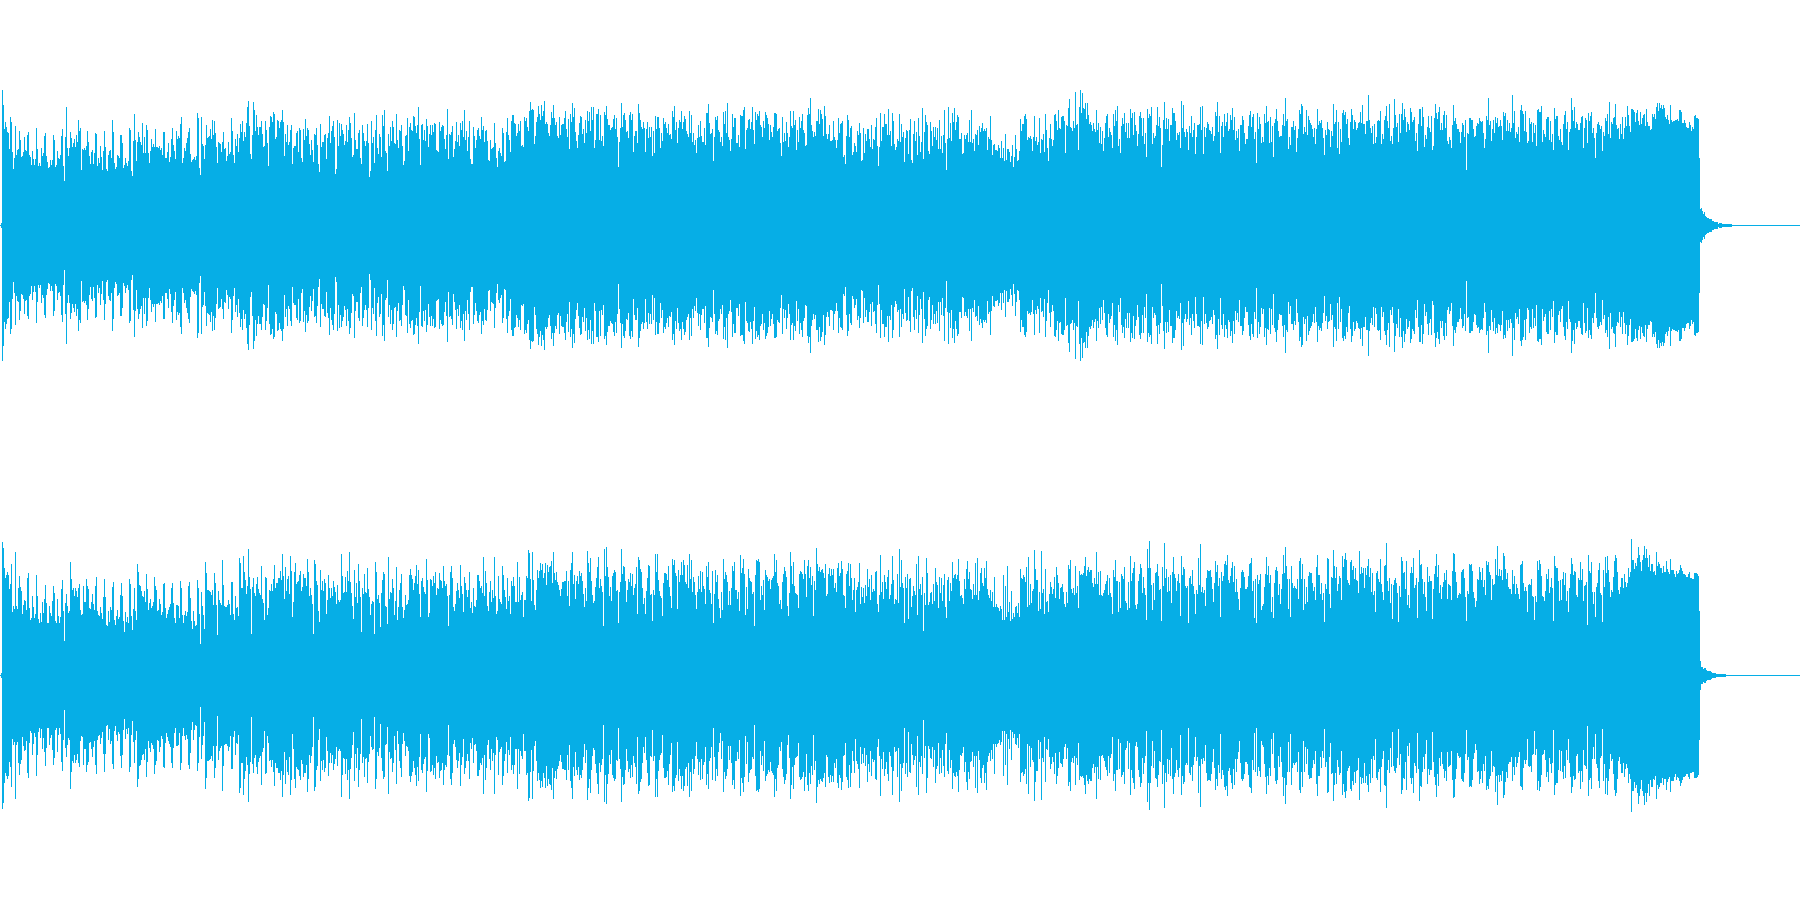 男性ラップと女性Vo洋楽風シティポップの再生済みの波形